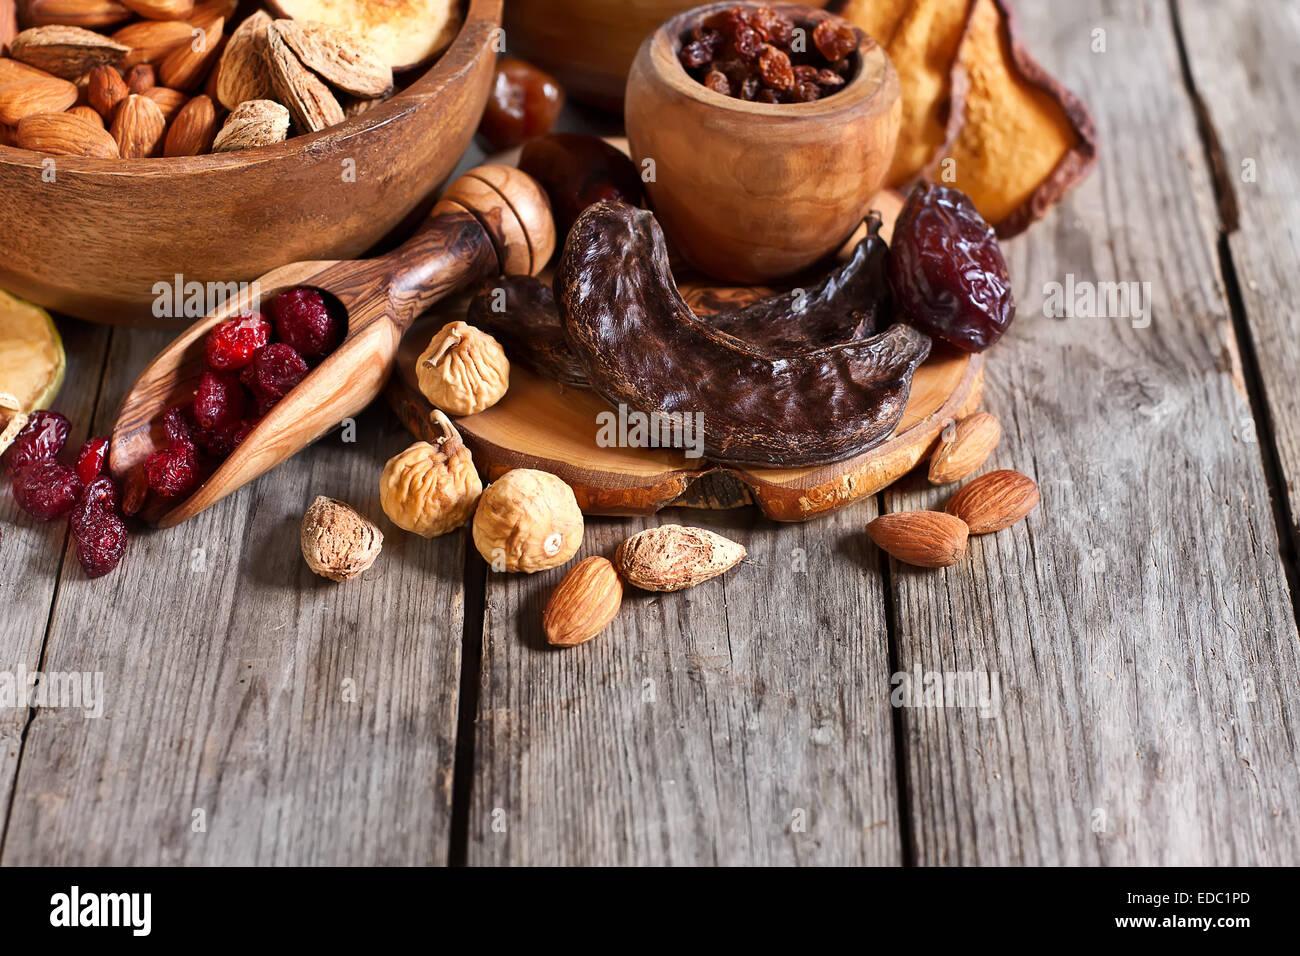 Mix di frutta secca e di mandorle - simboli della vacanza giudaica Tu Bishvat. Copyspace sfondo. Immagini Stock